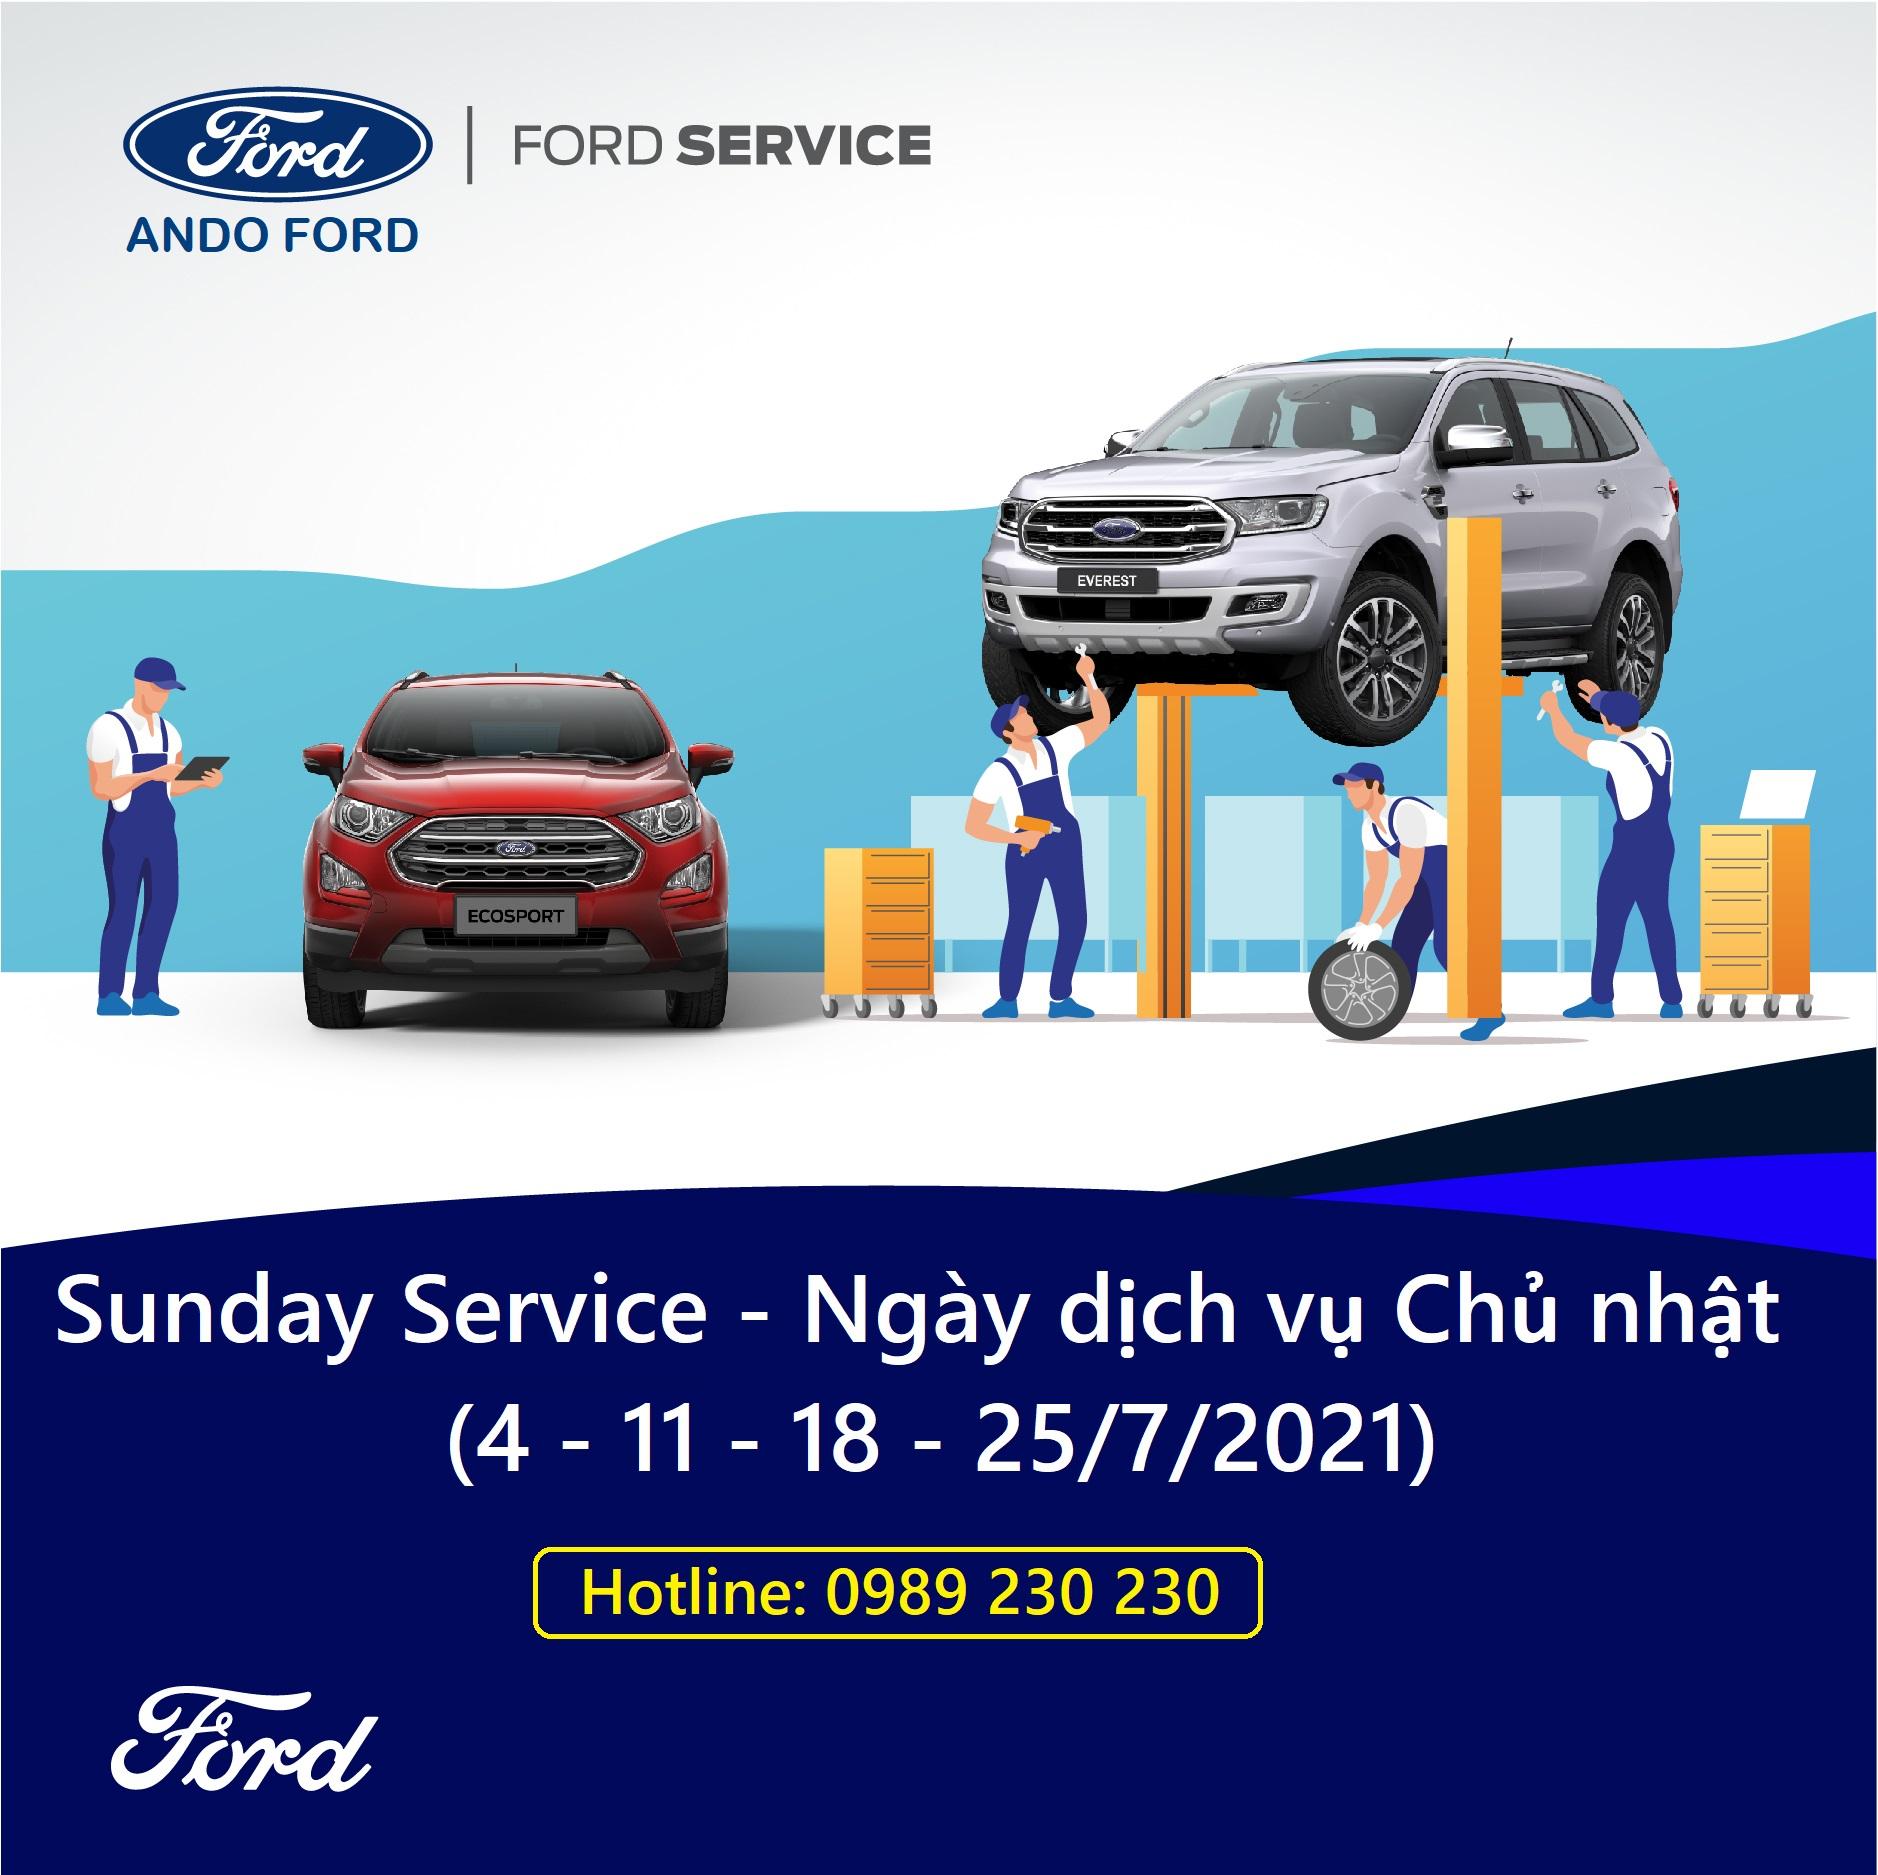 ANDO FORD – NGÀY DỊCH VỤ CHỦ NHẬT (Mùng 4, 11, 18 & 25/7/2021)